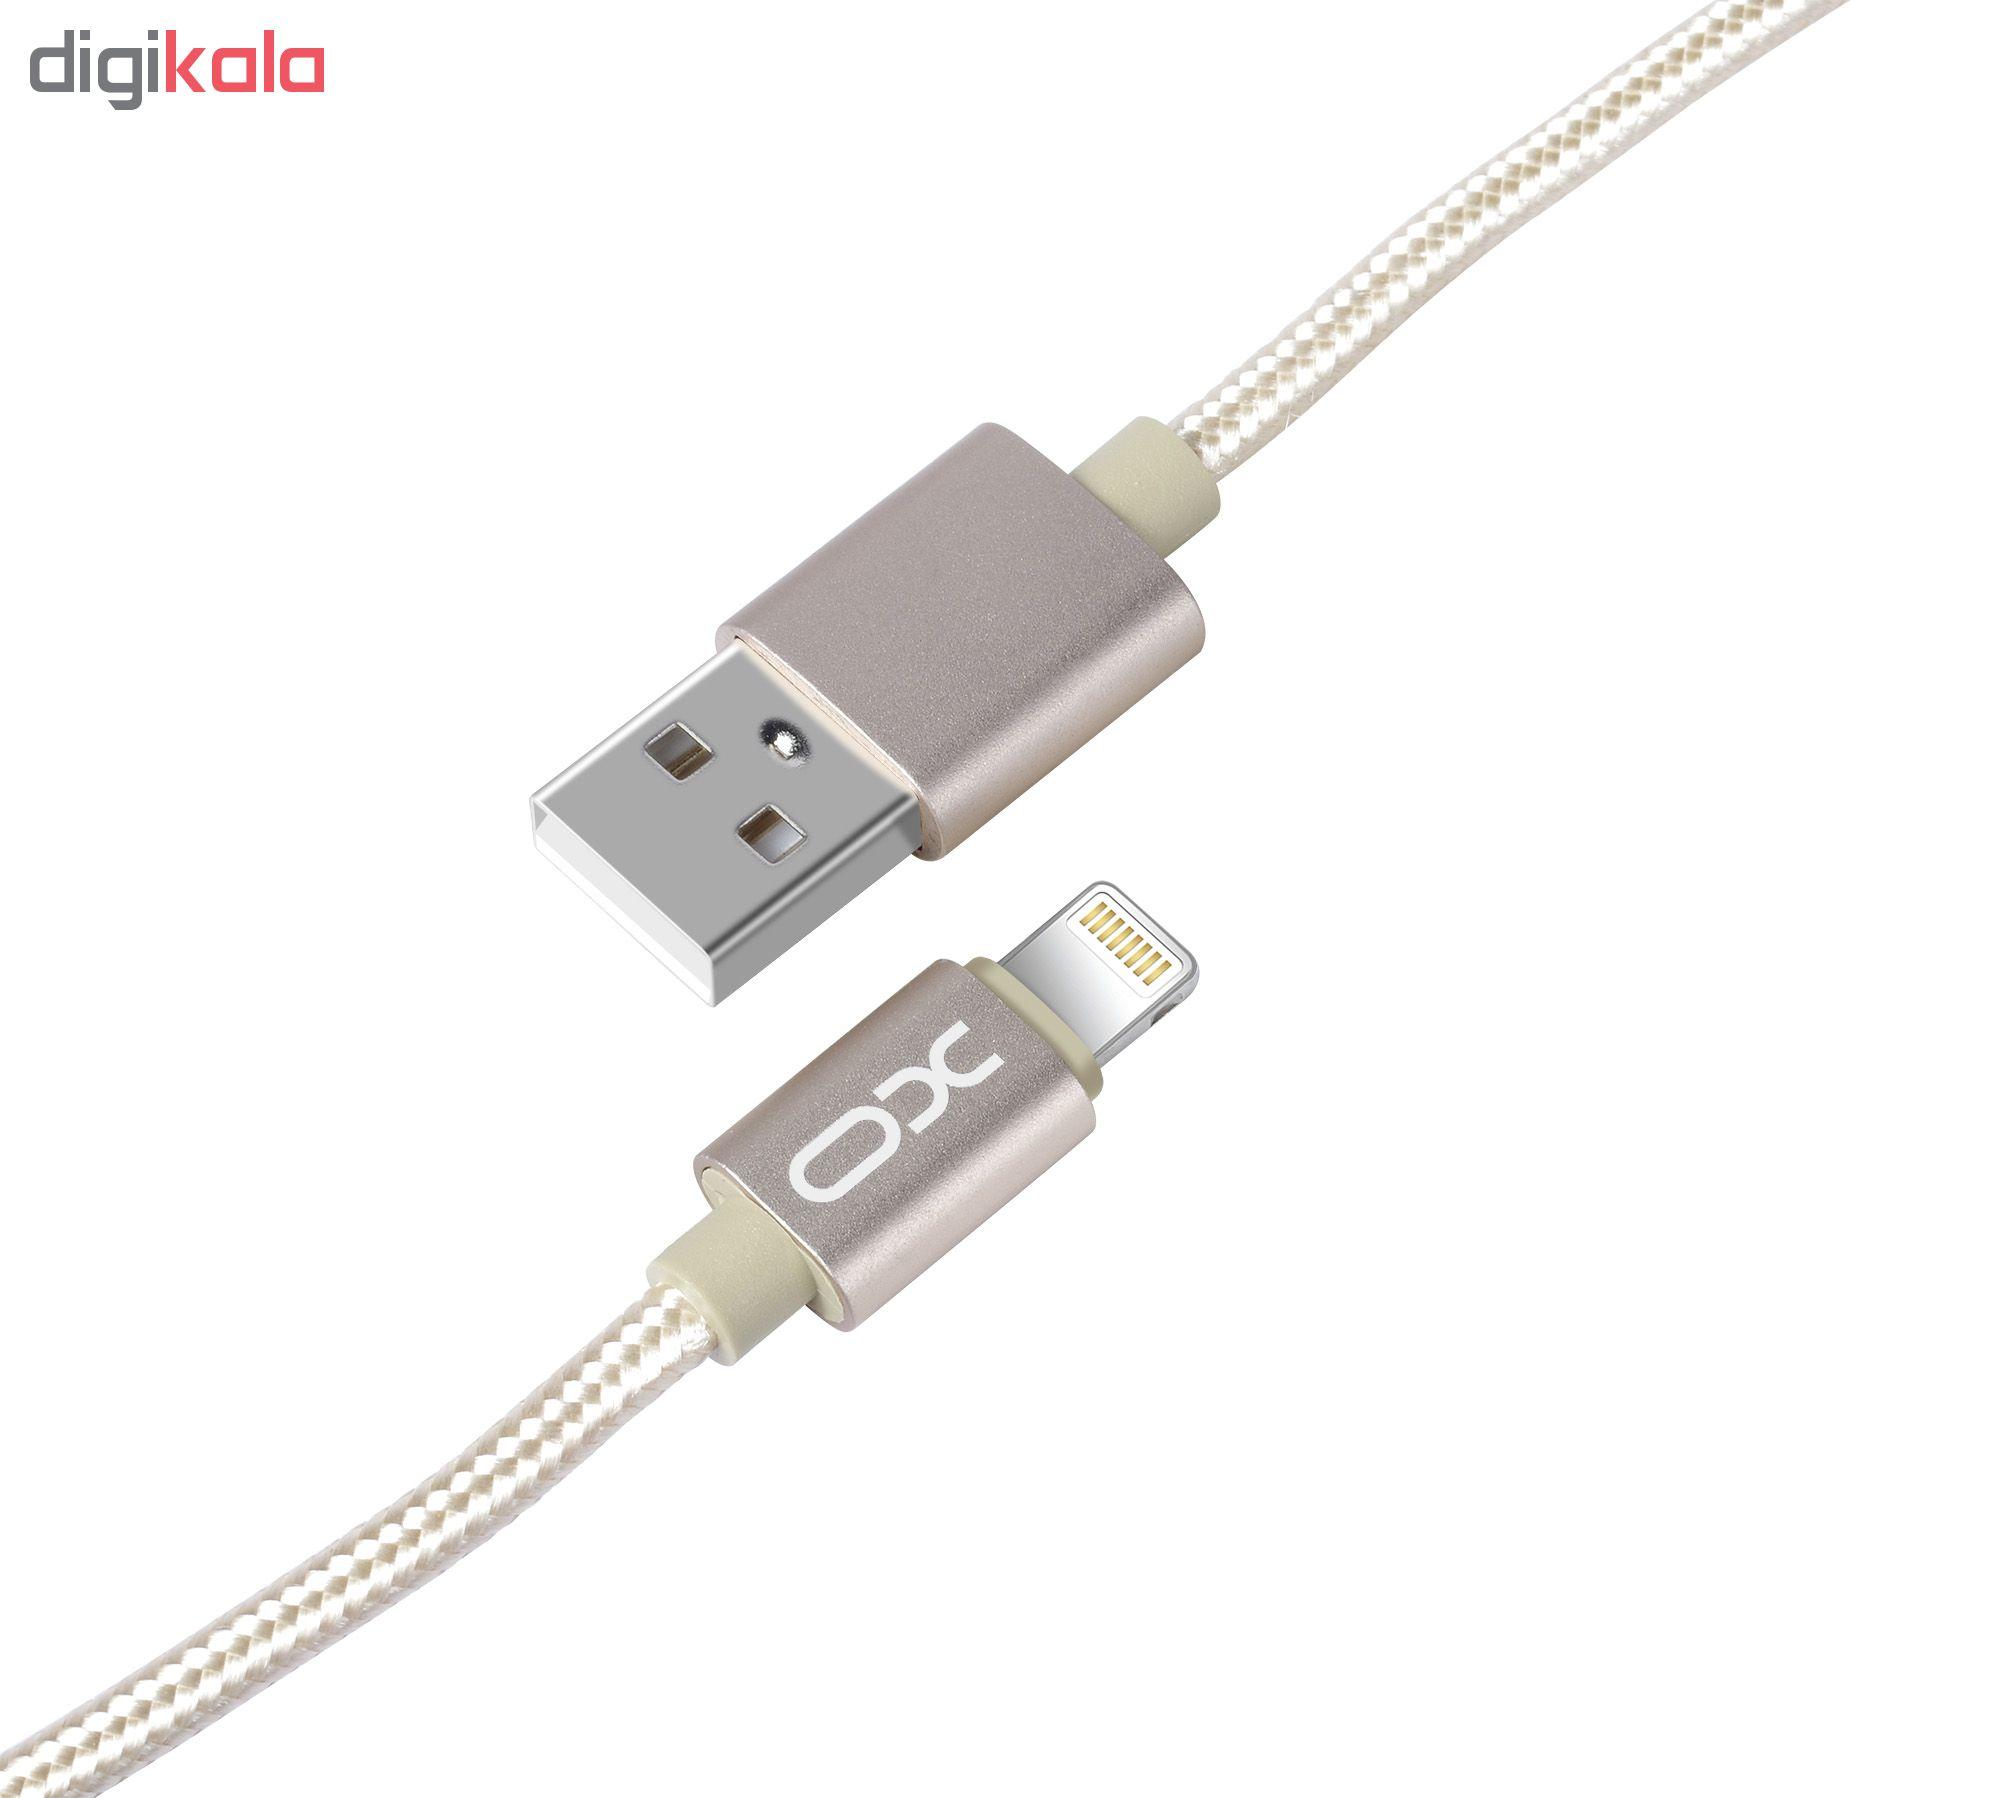 کابل تبدیل USB به لایتنینگ ایکس او مدل NB1 طول 1 متر main 1 13